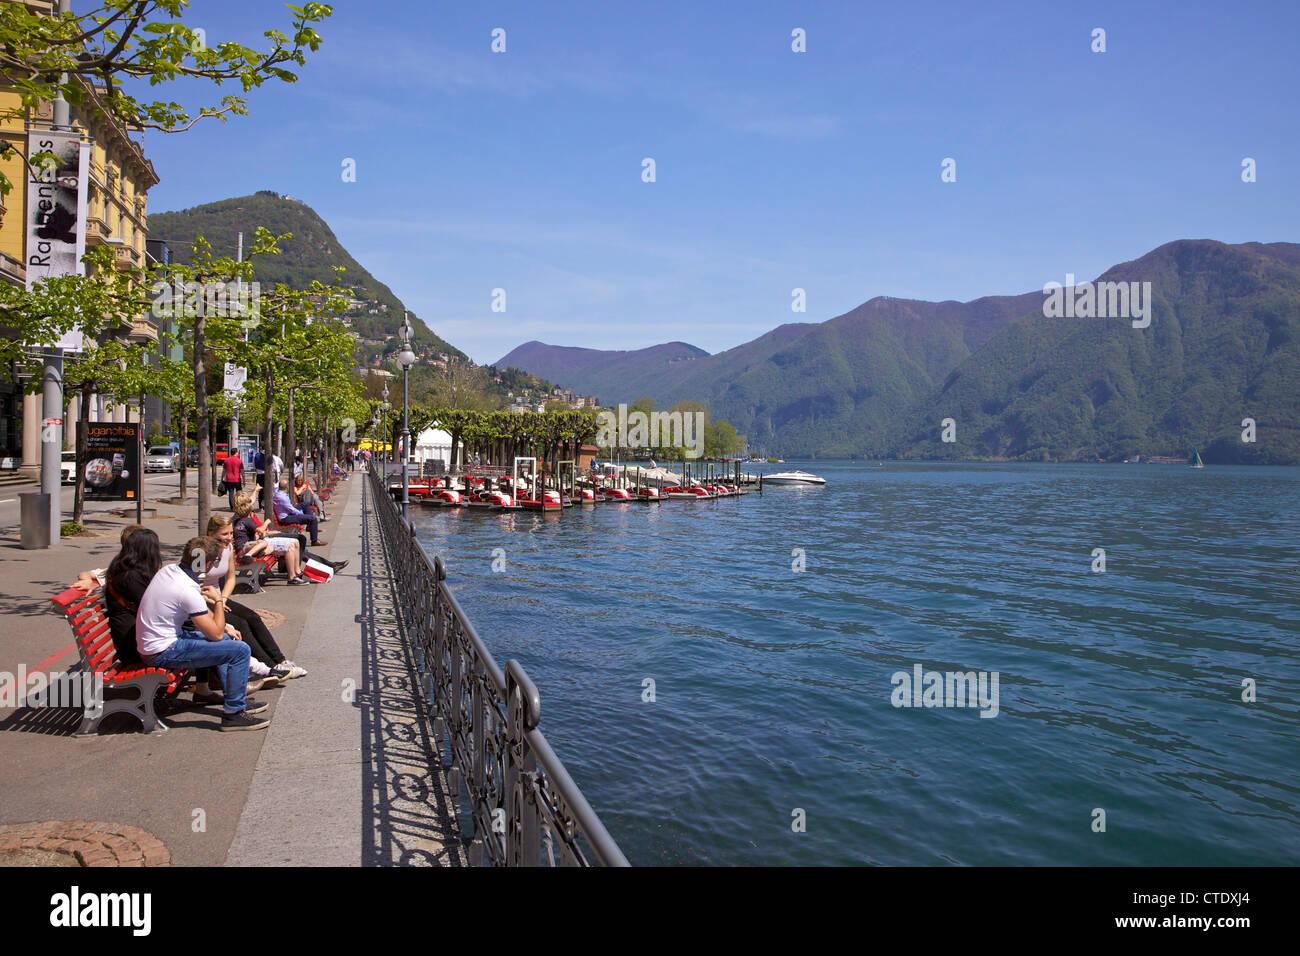 Les visiteurs profitant du soleil au bord du lac, ville de Lugano, le lac de Lugano, Tessin, Suisse, Europe Photo Stock